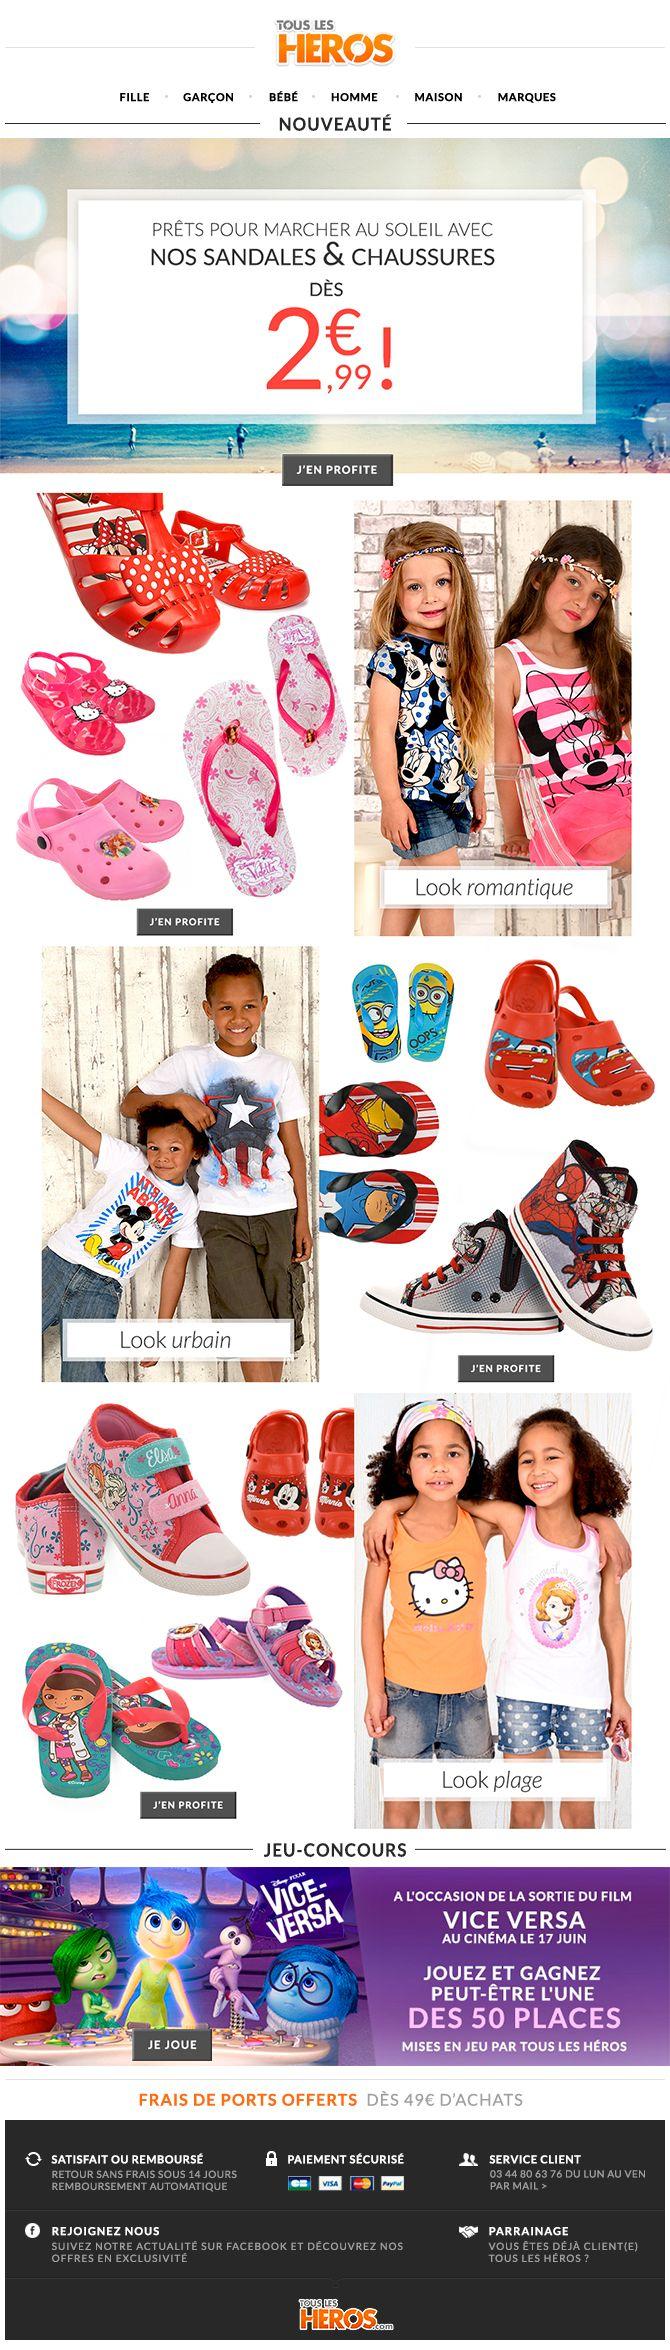 Cette semaine sur www.tous-les-heros.com, découvrez notre gamme de sandales et chaussures d'été à #petitsprix, mais aussi nos looks d'été !  Et tentez de gagner des places de #cinéma pour aller voir #ViceVersa ! #mode #enfants #modeenfants #modeàpetitprix #touslesheros #superheros #heros #lesminions #minions #disney #jeuconcours #quizz #modeété #collectionété